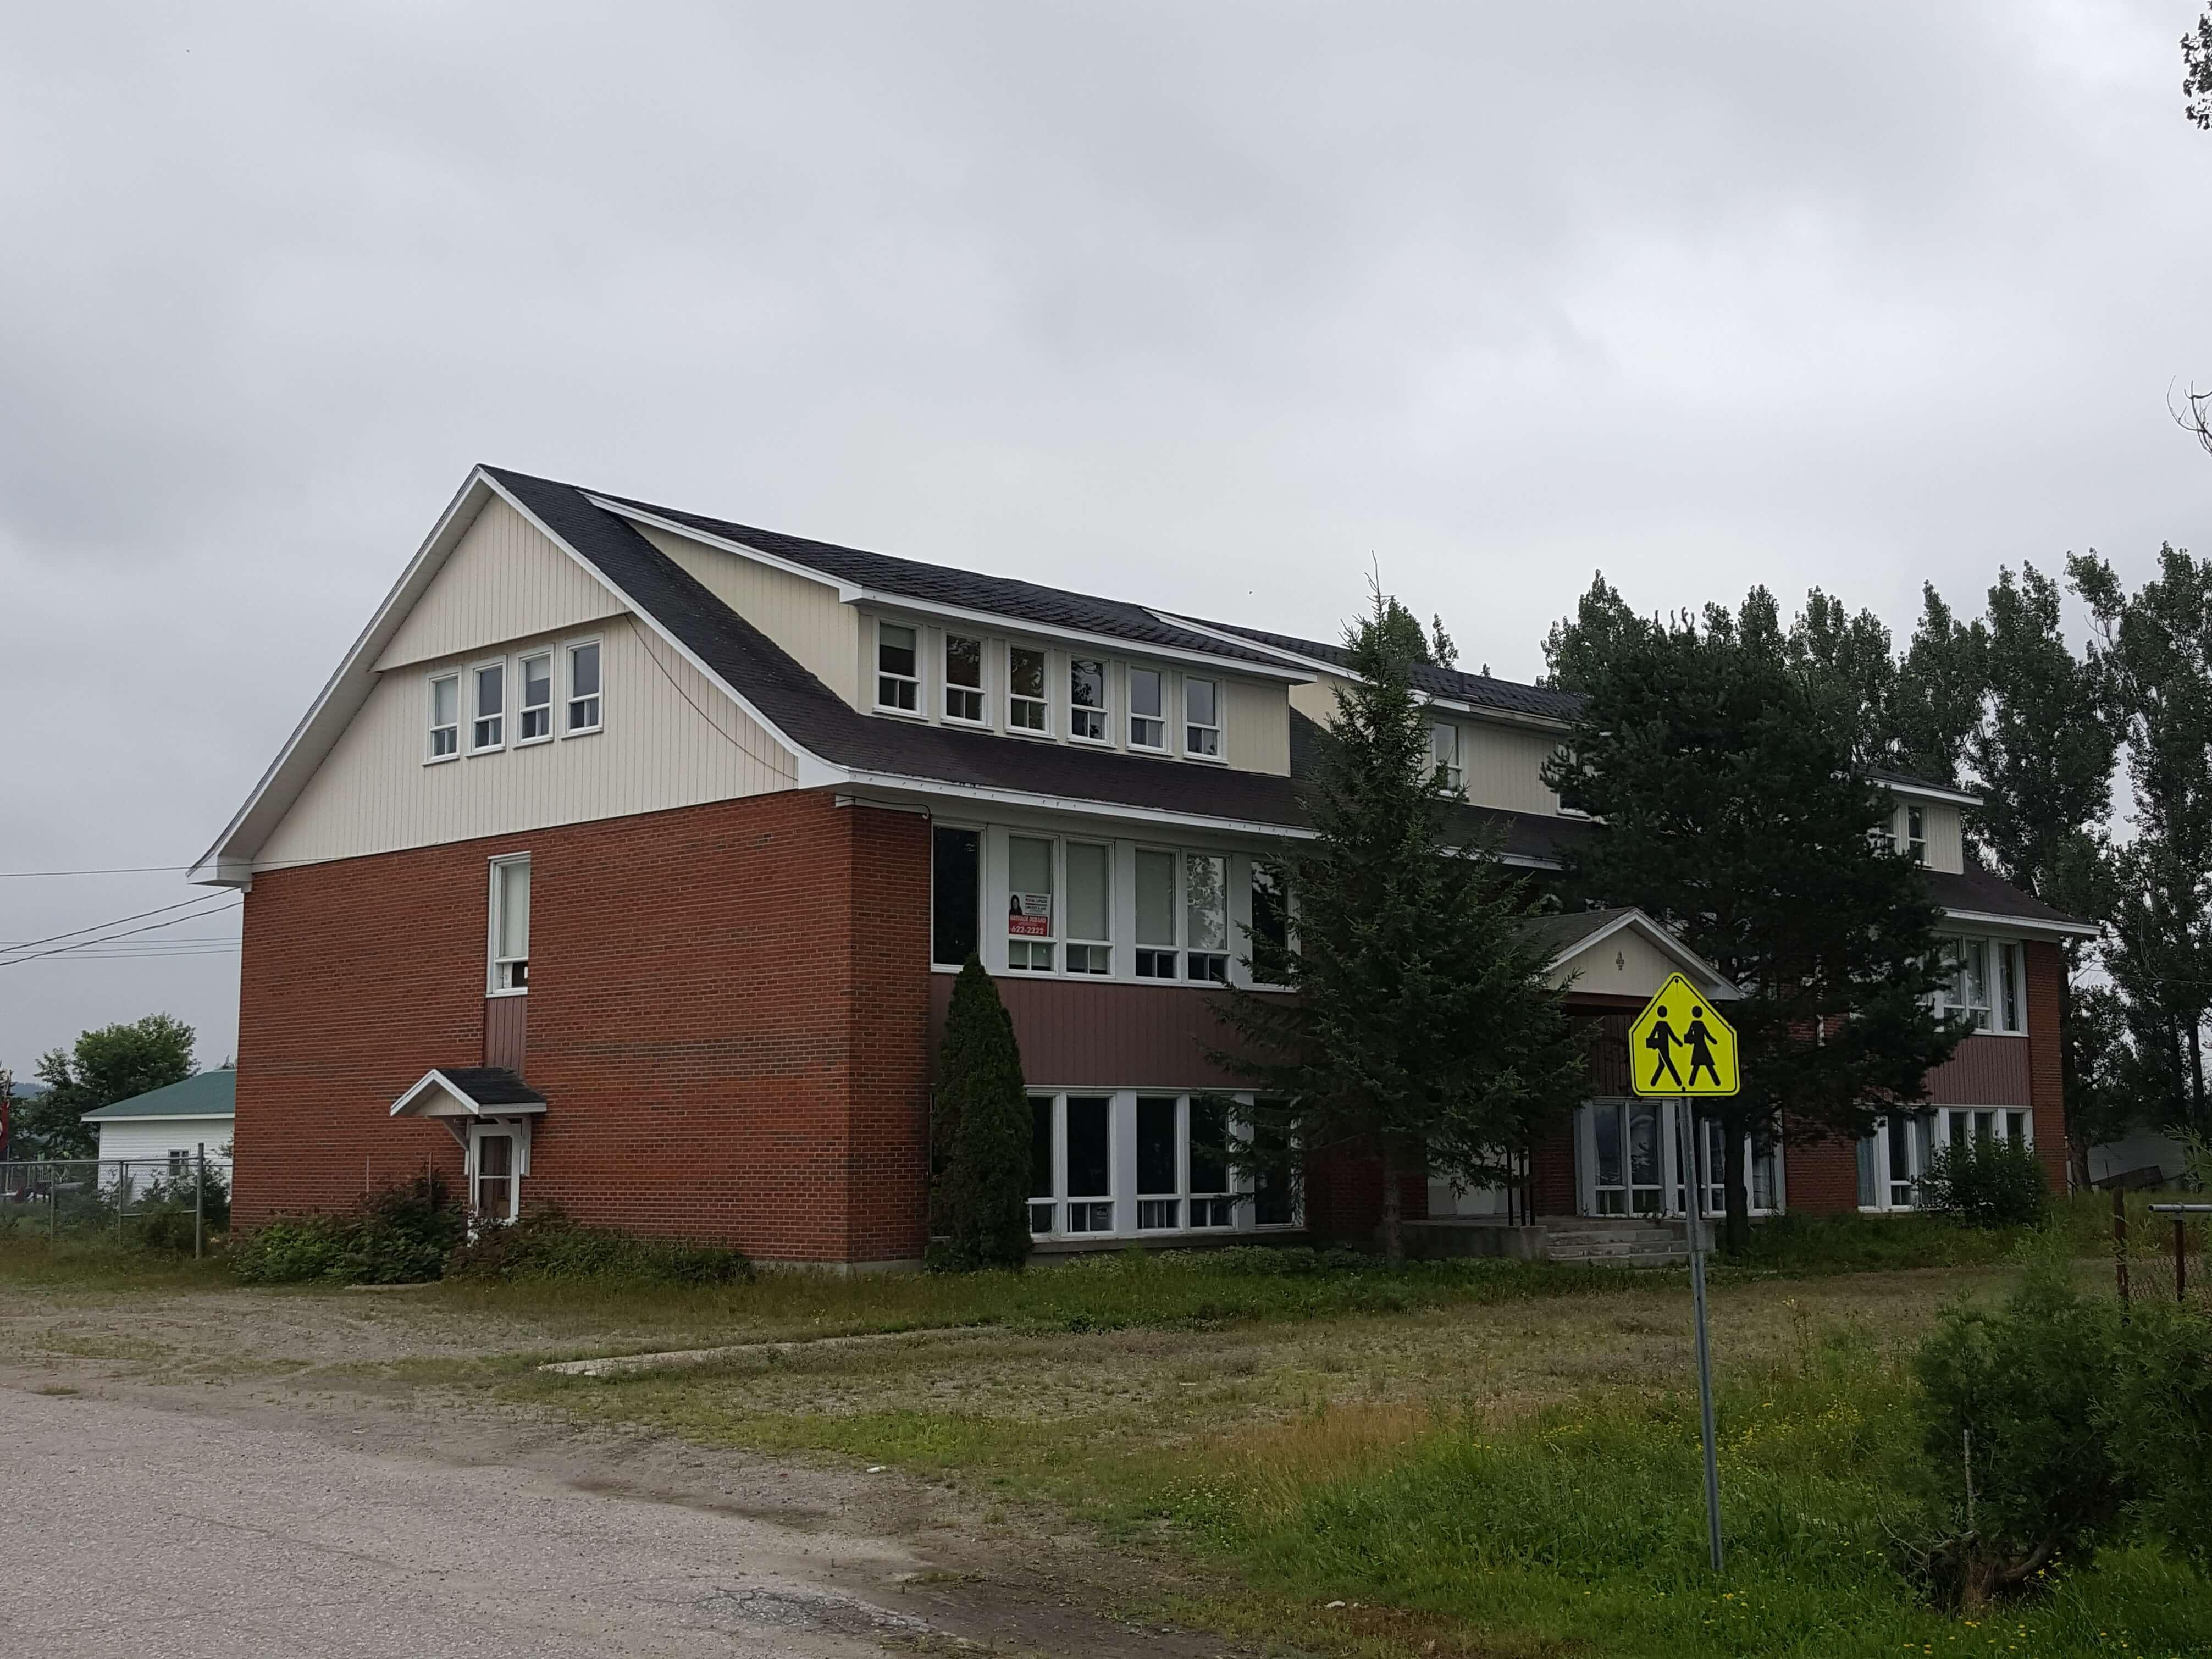 École Fugèreville